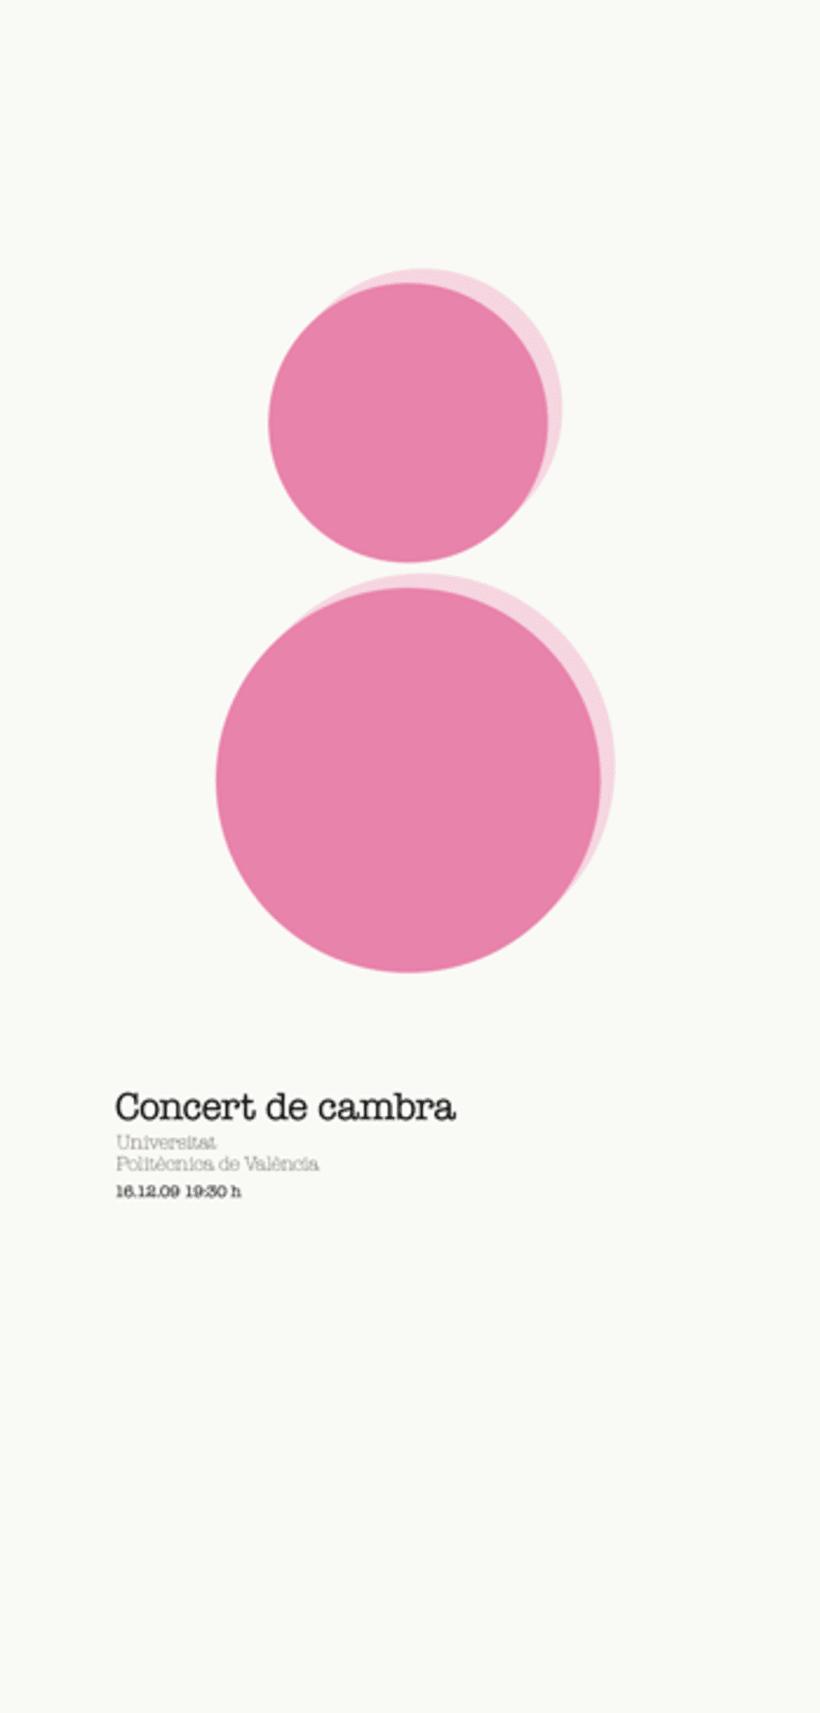 Concert de Cambra, UPV 2